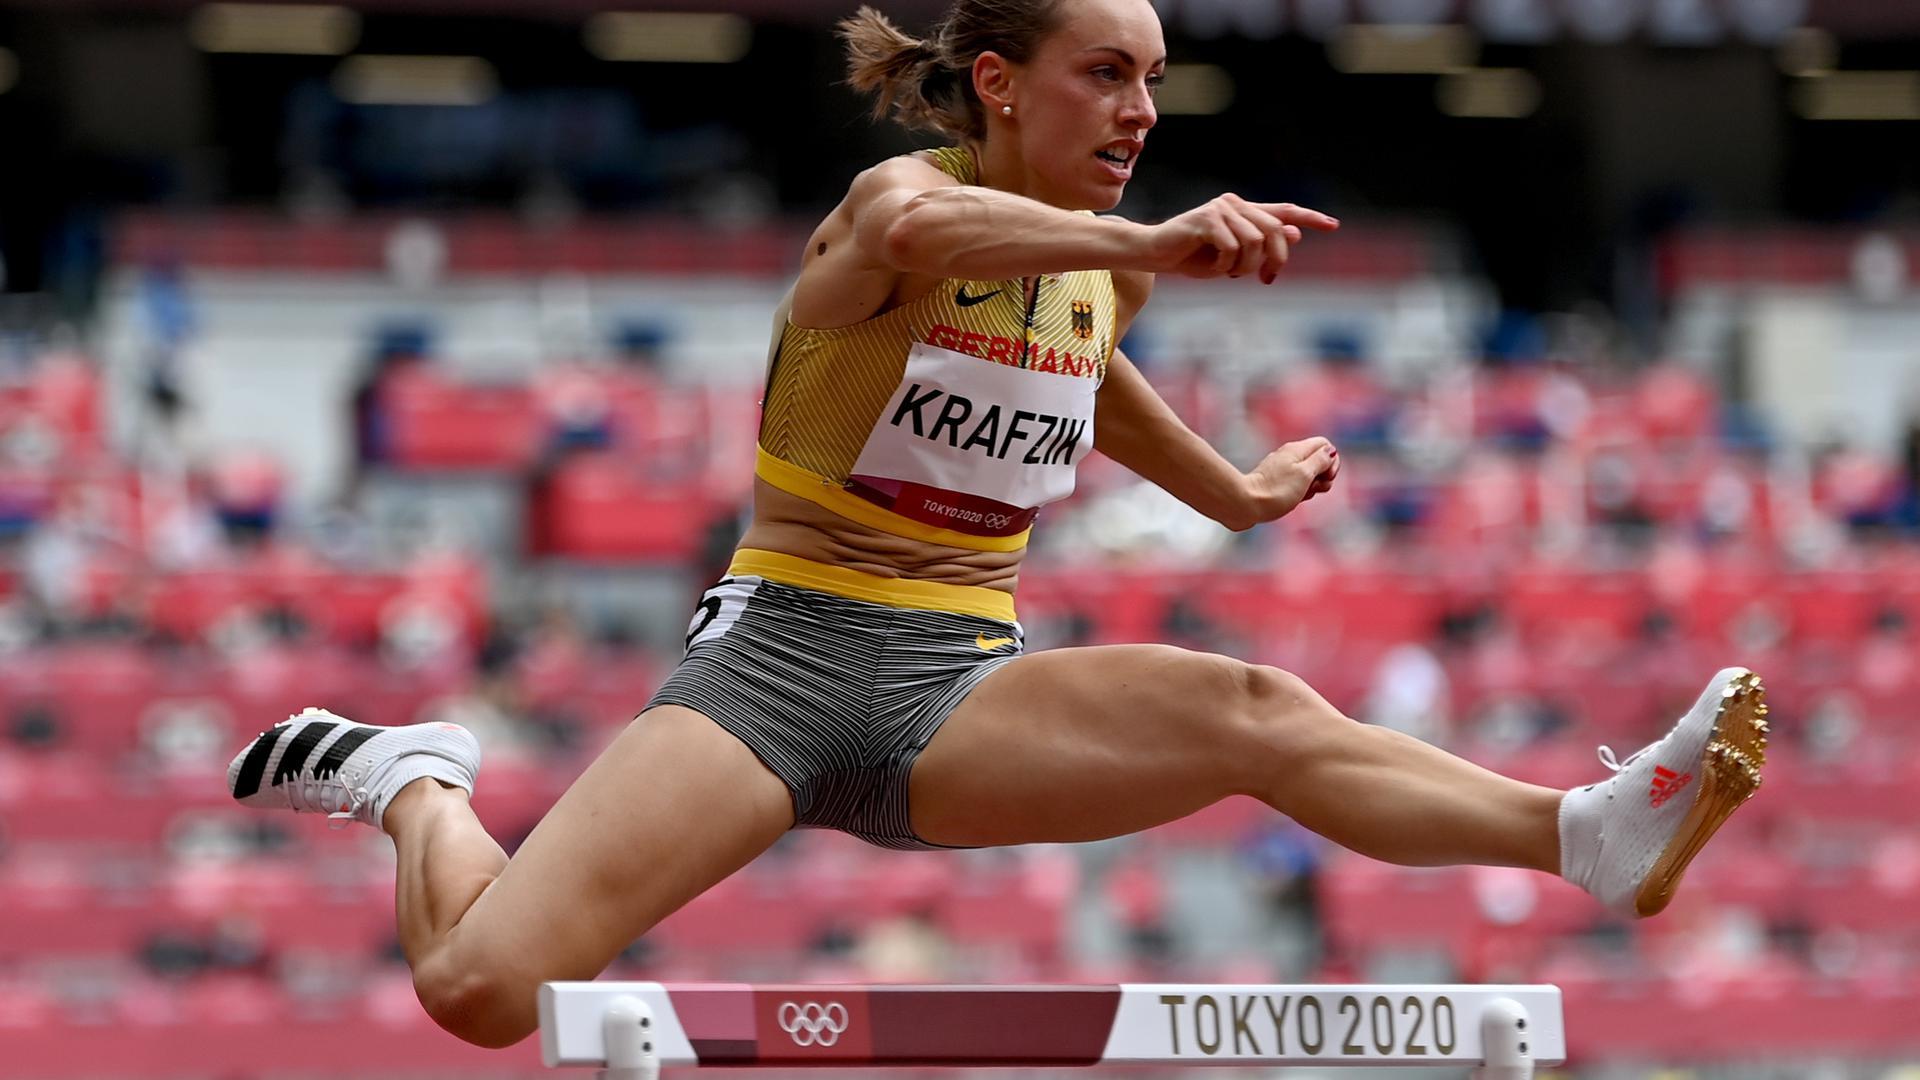 Leichtathletik: Olympia, Frauen, 400 m Hürden, Vorläufe im Olympiastadion. Carolina Krafzik von Deutschland in Aktion. +++ dpa-Bildfunk +++